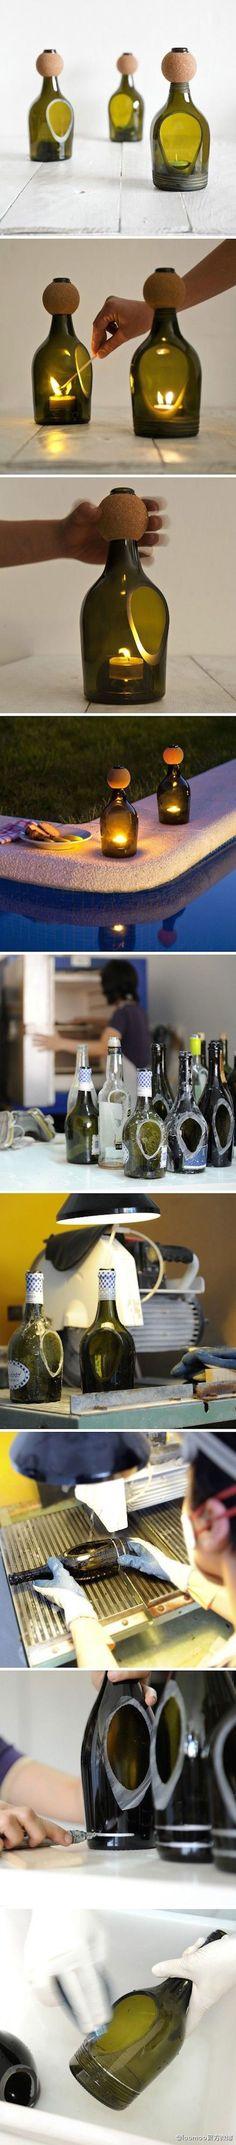 inventos-botellas-1149